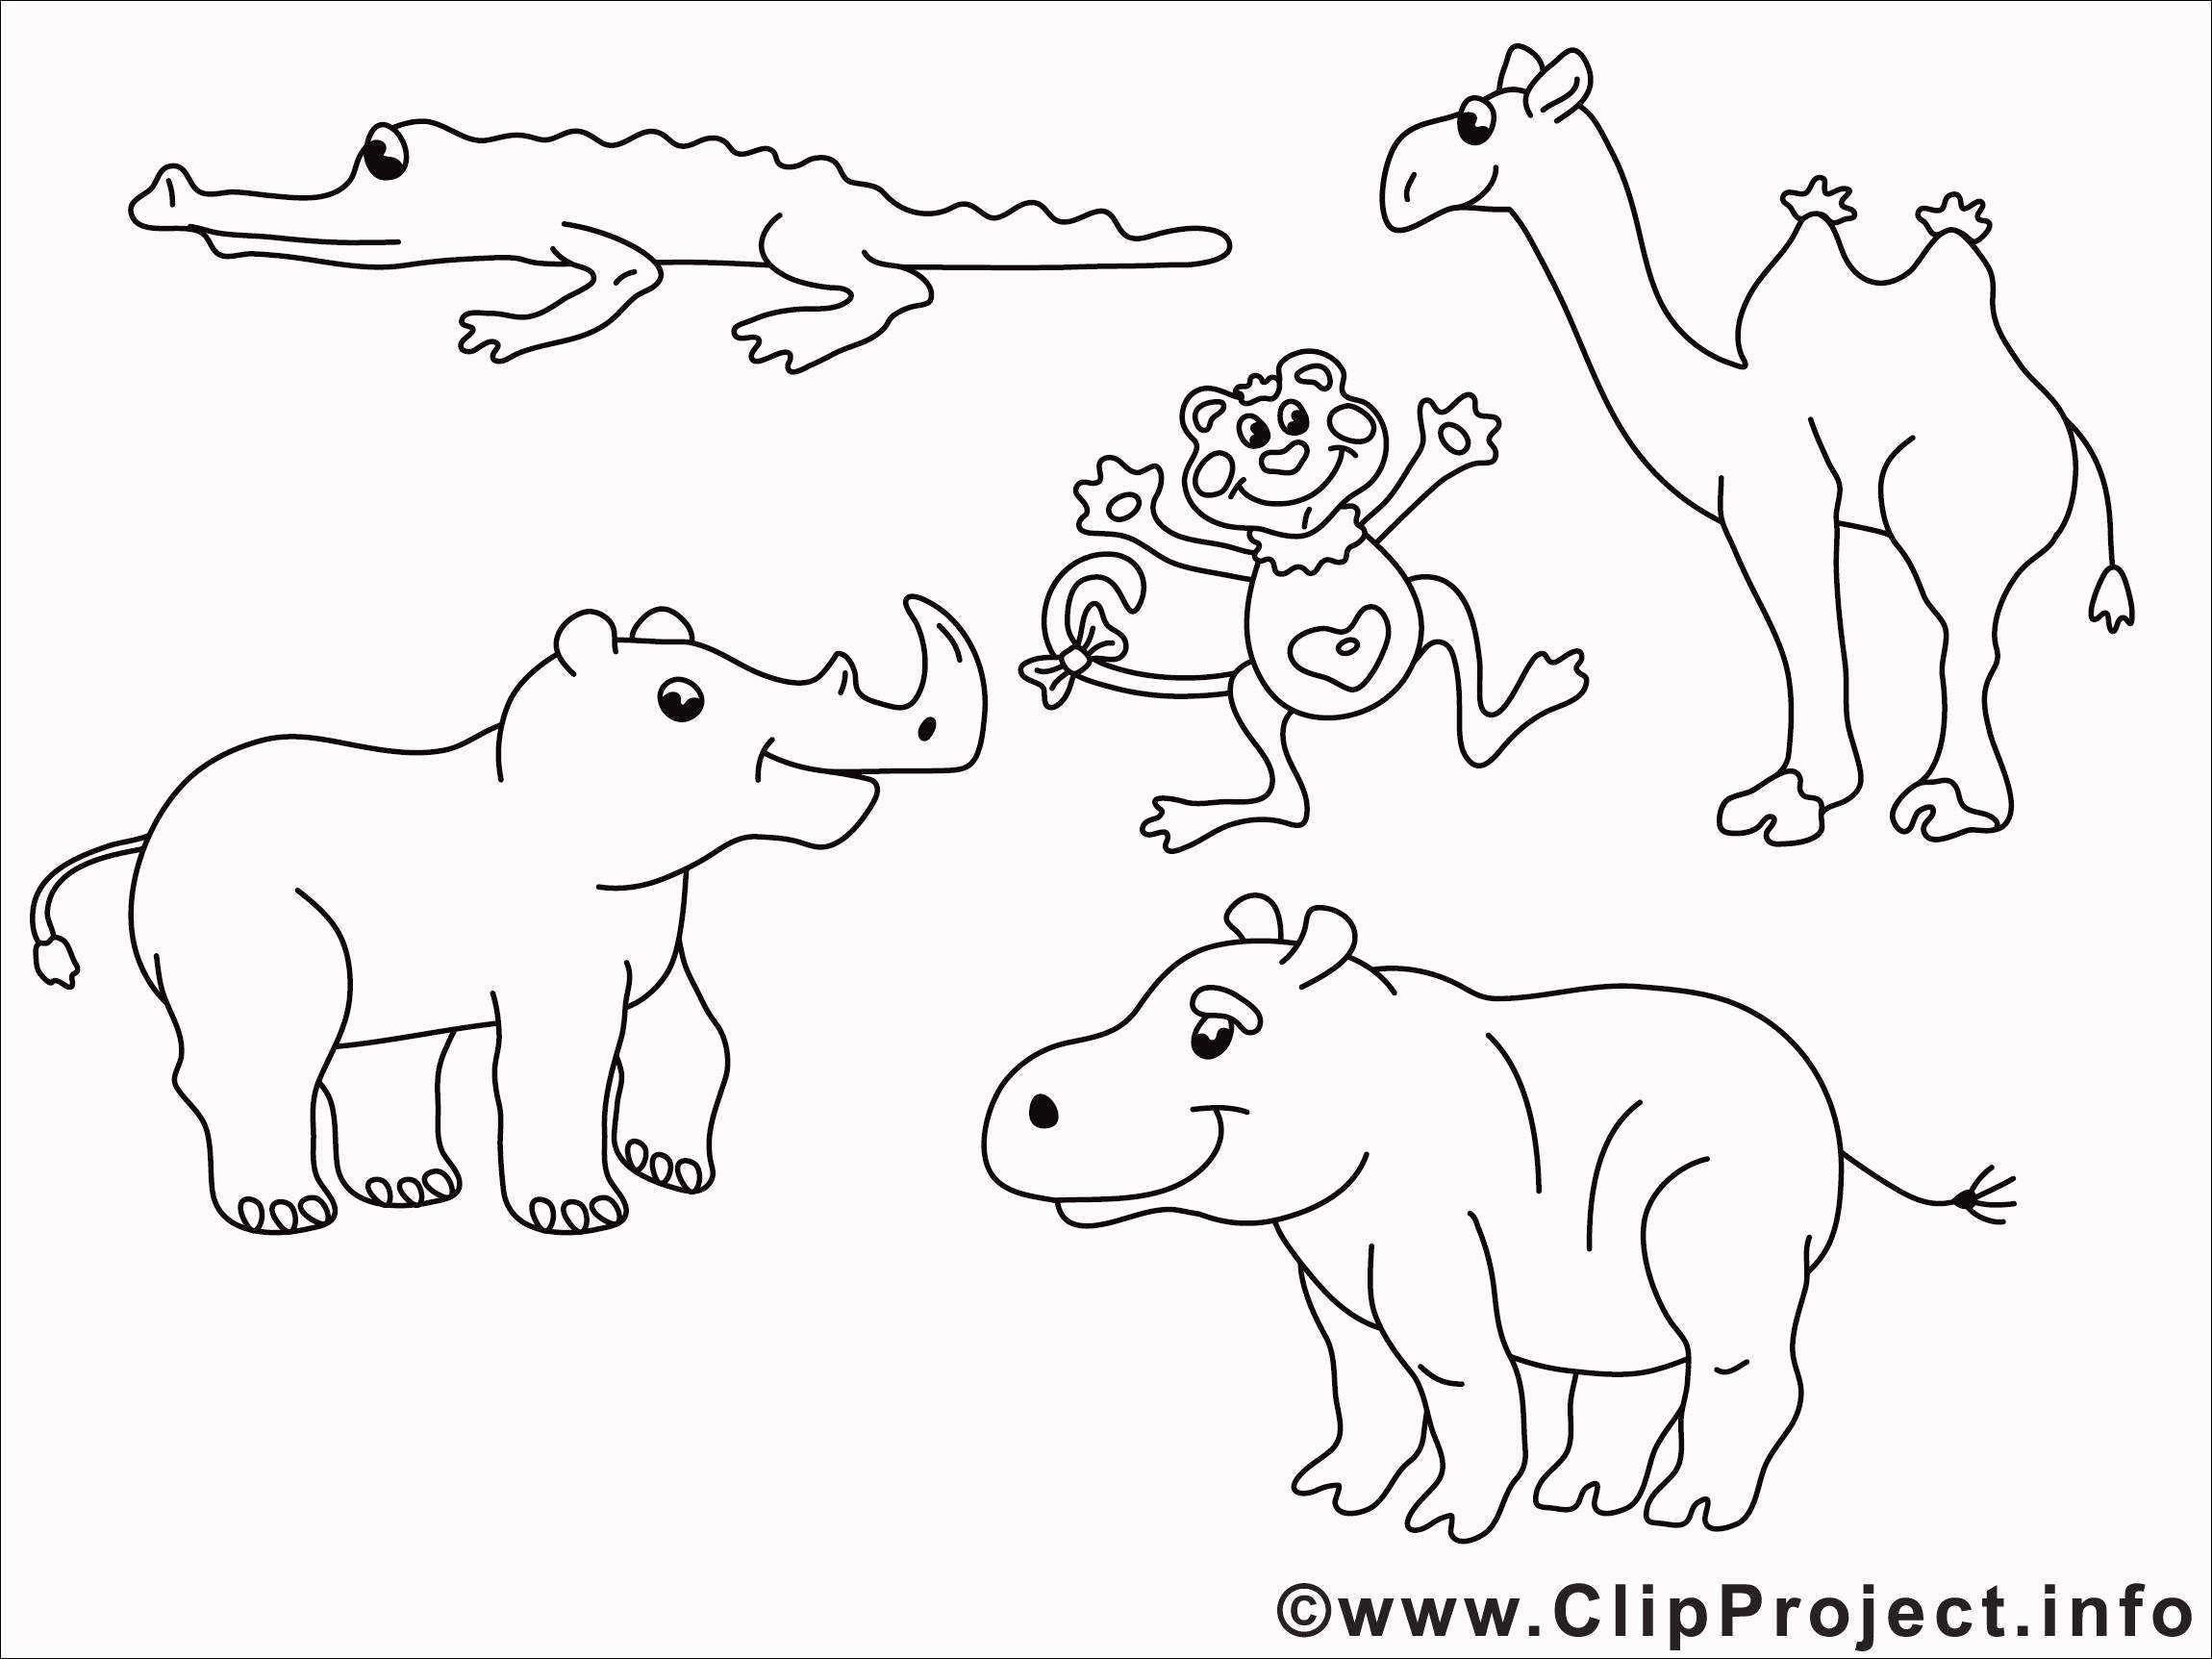 Frisch Malvorlagen Tiere Bauernhof Kostenlos  Cat coloring book